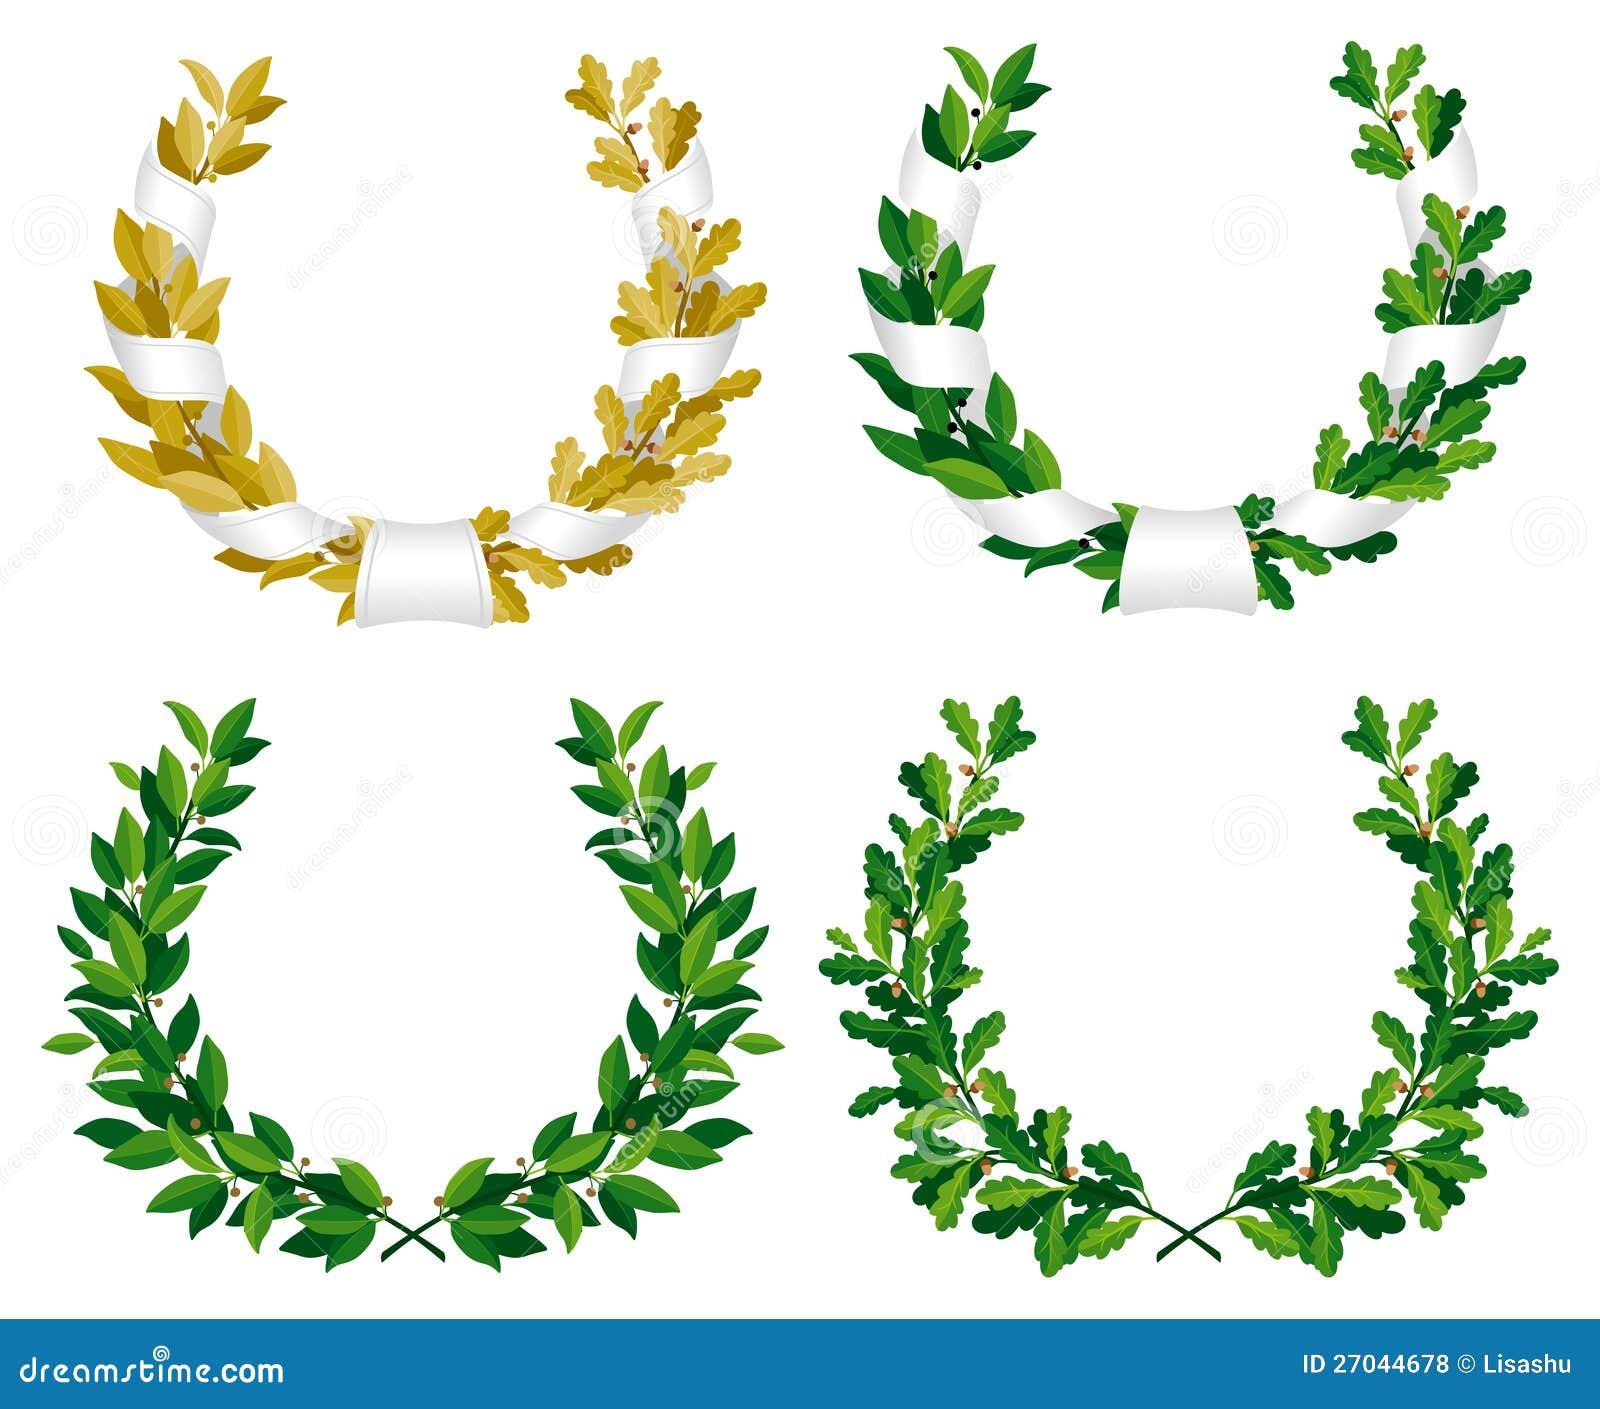 получить полис веточка растения которая символизирует мир что, если